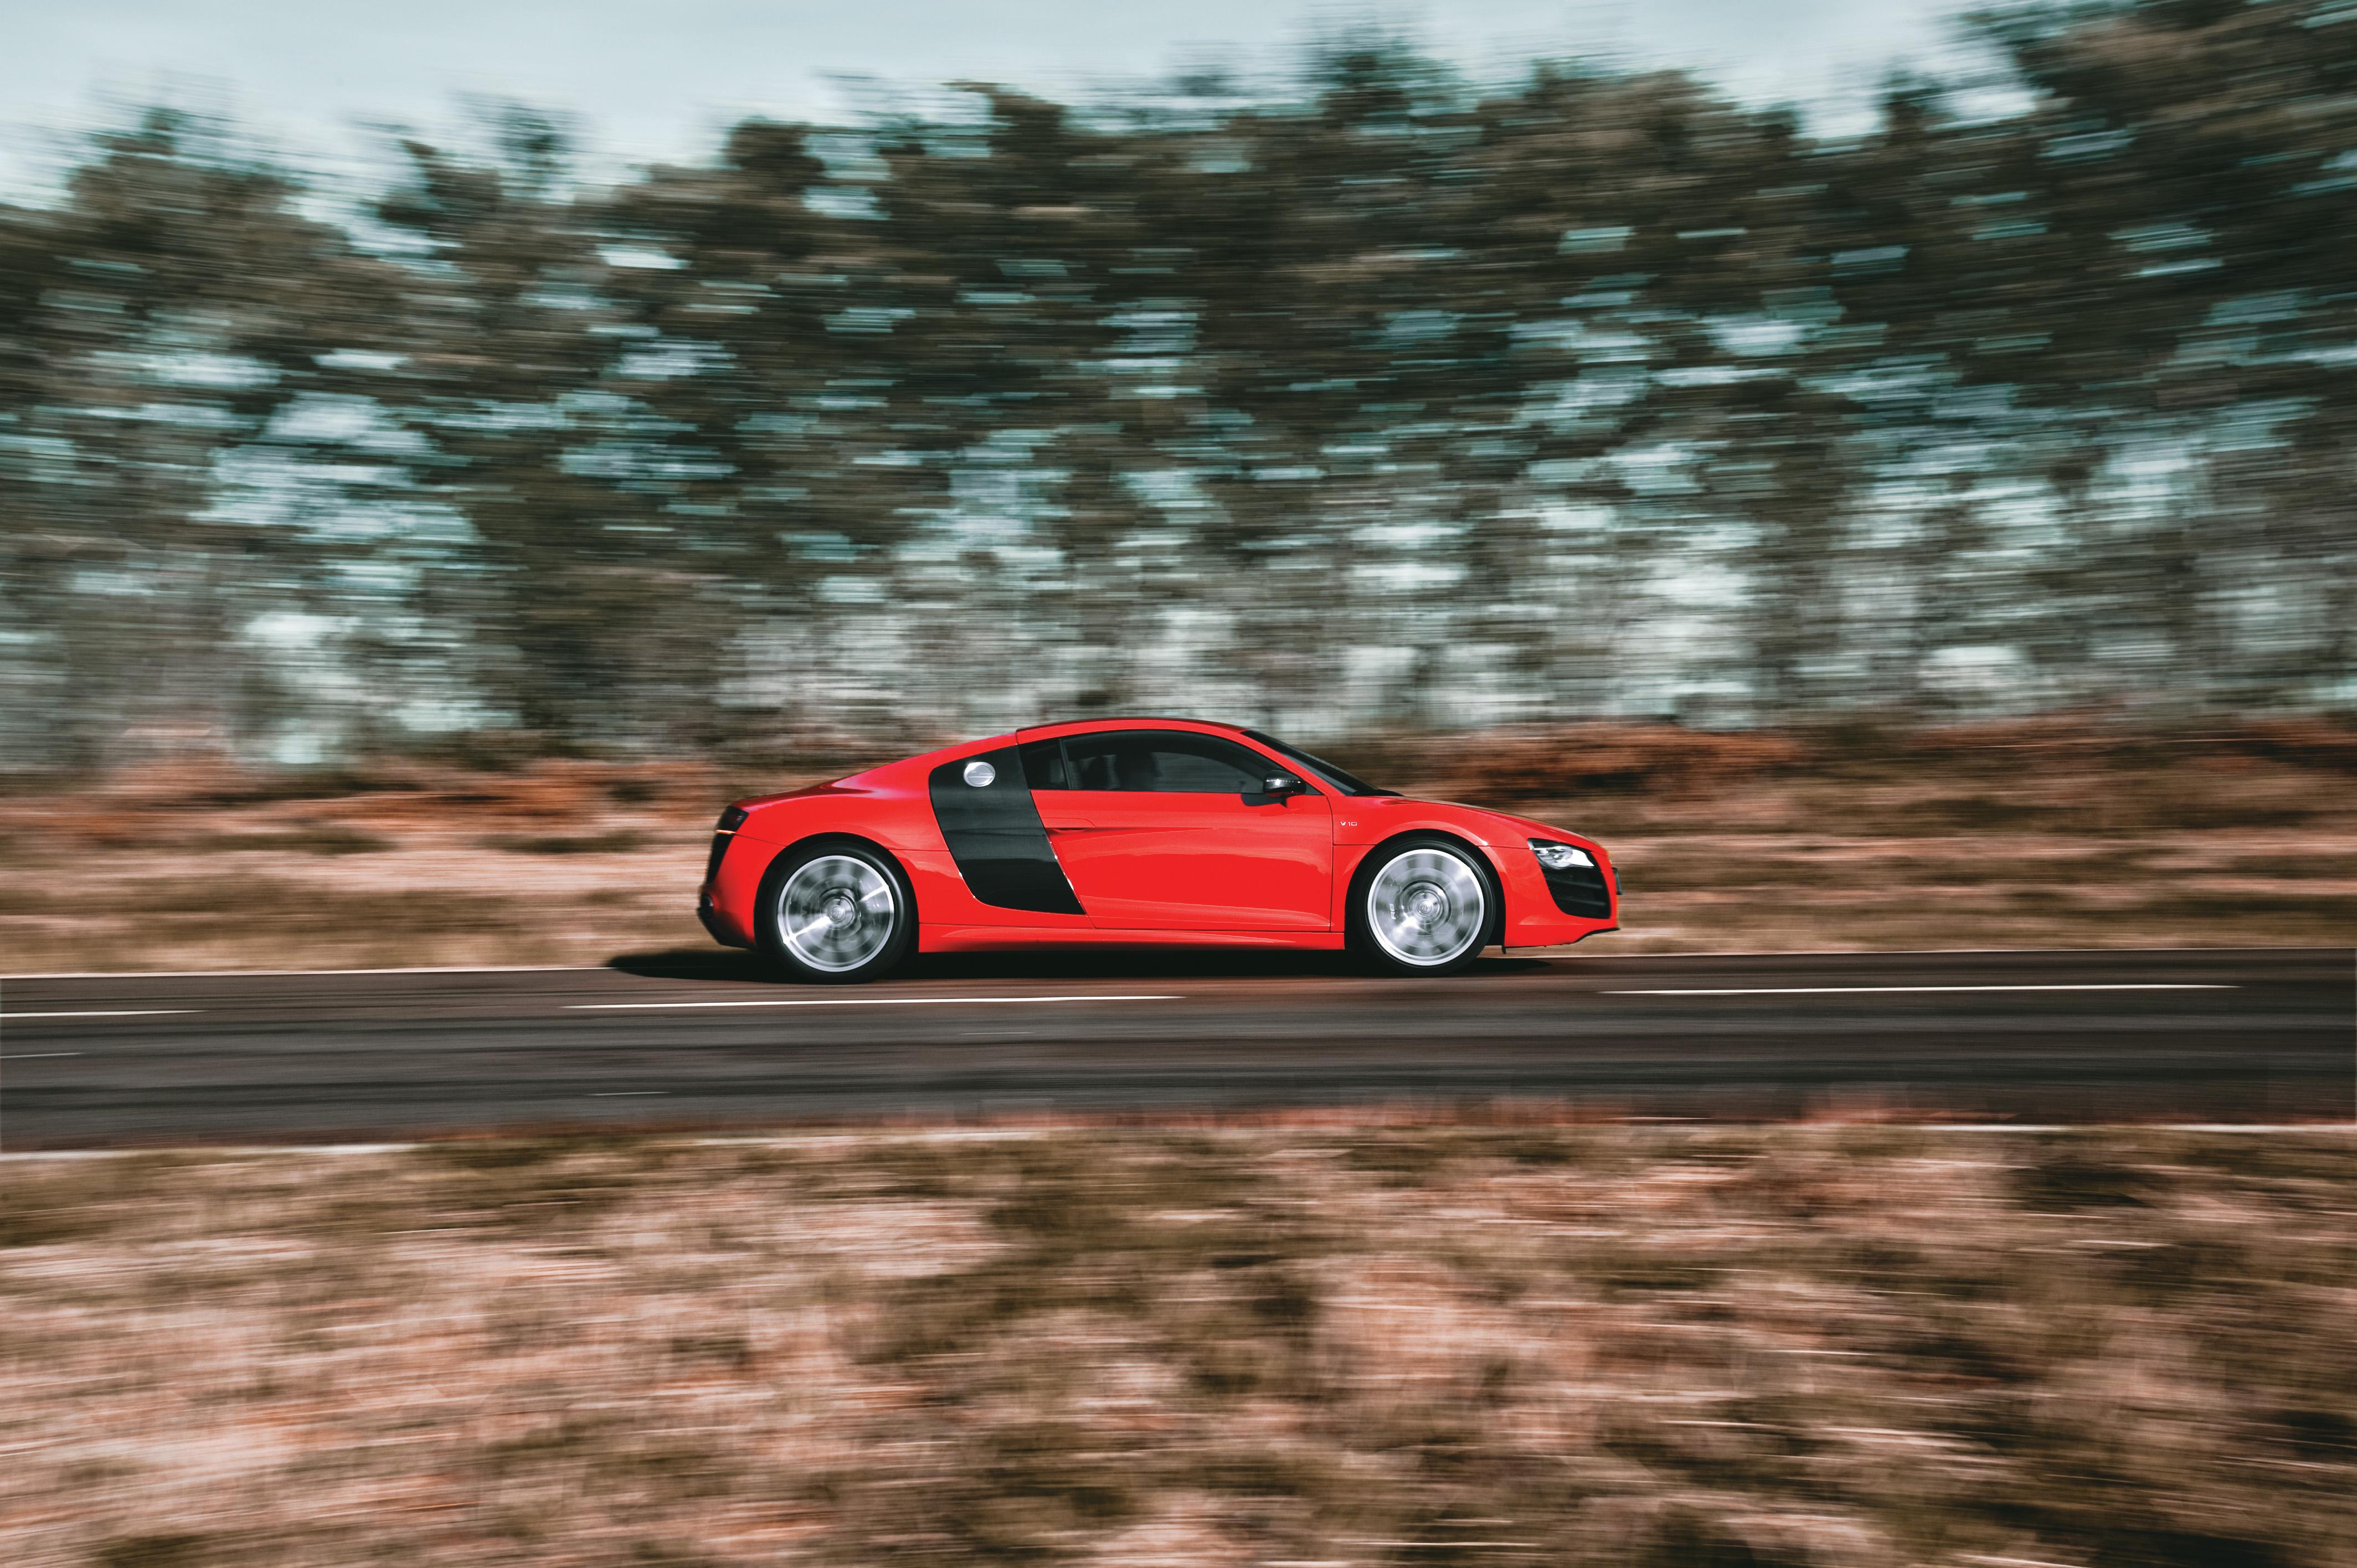 Grandes comparativos: Audi R8 V10 x Mercedes-AMG SLS x Porsche 911 Turbo